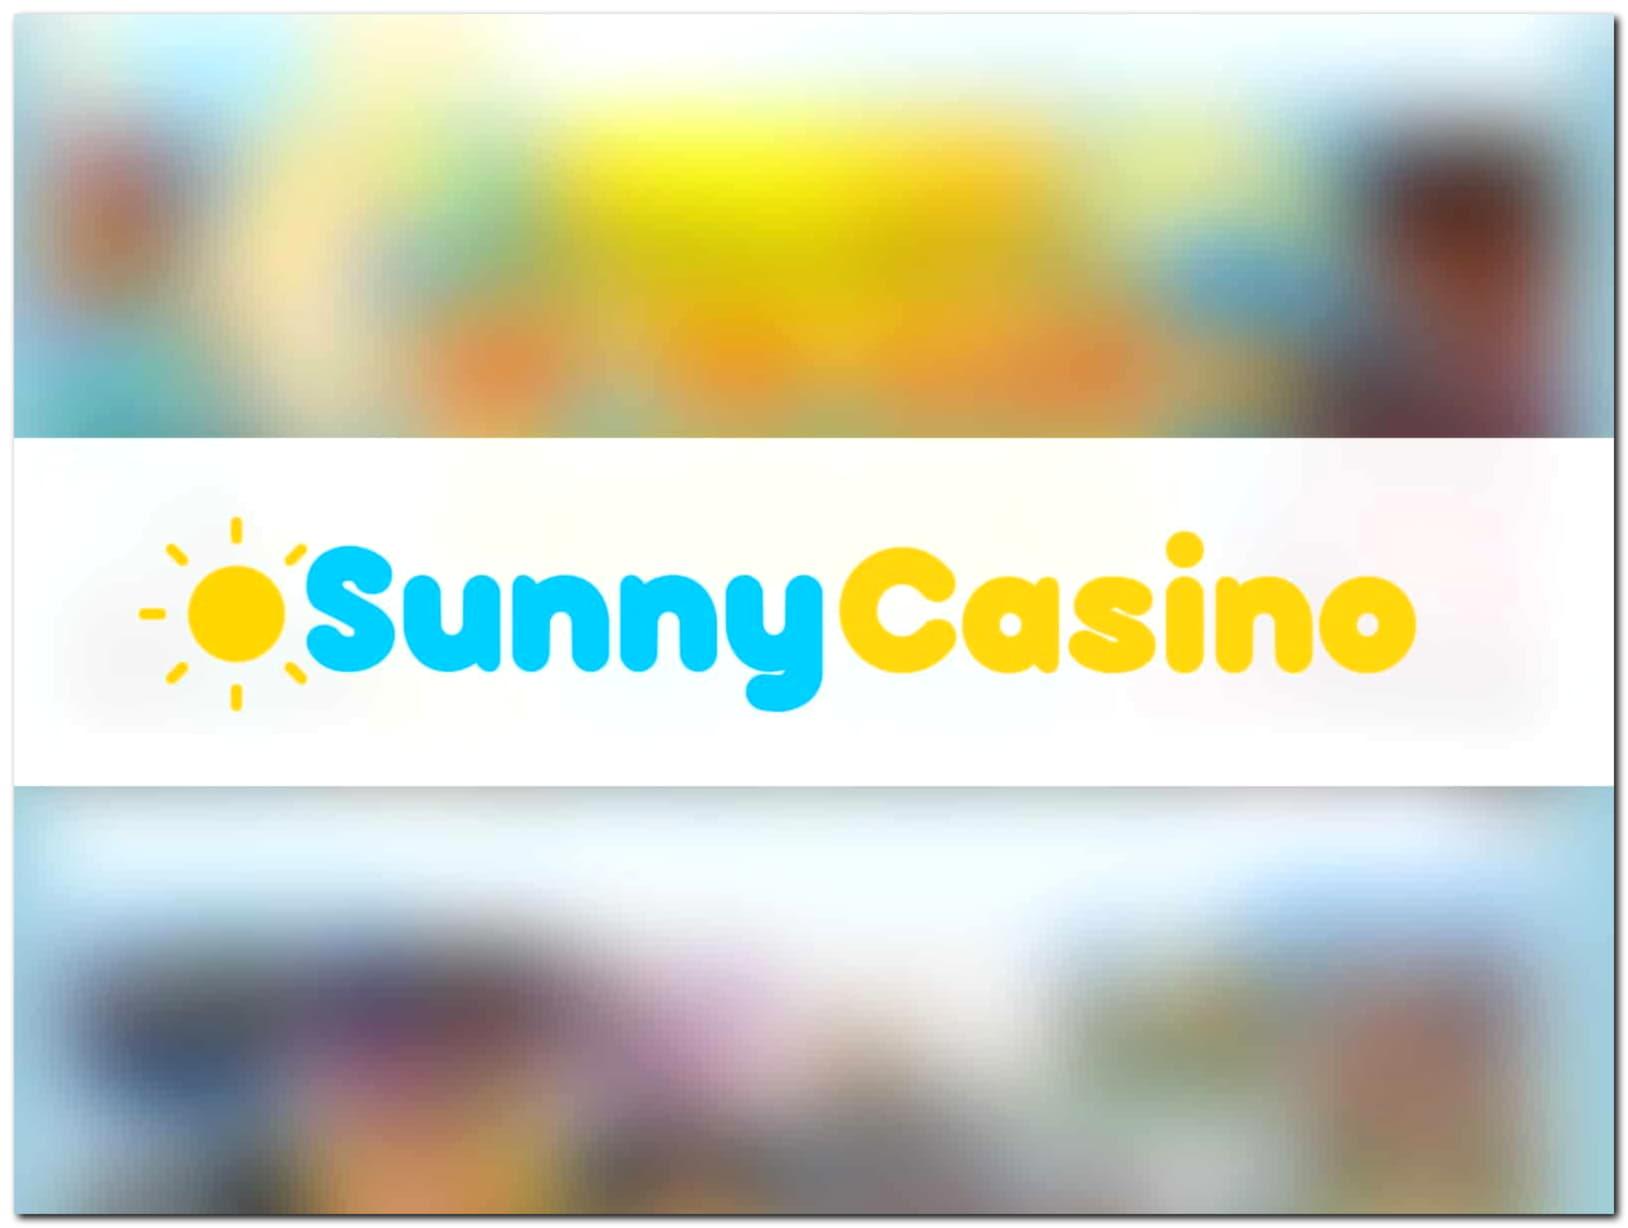 £2650 NO DEPOSIT BONUS at Energy Casino